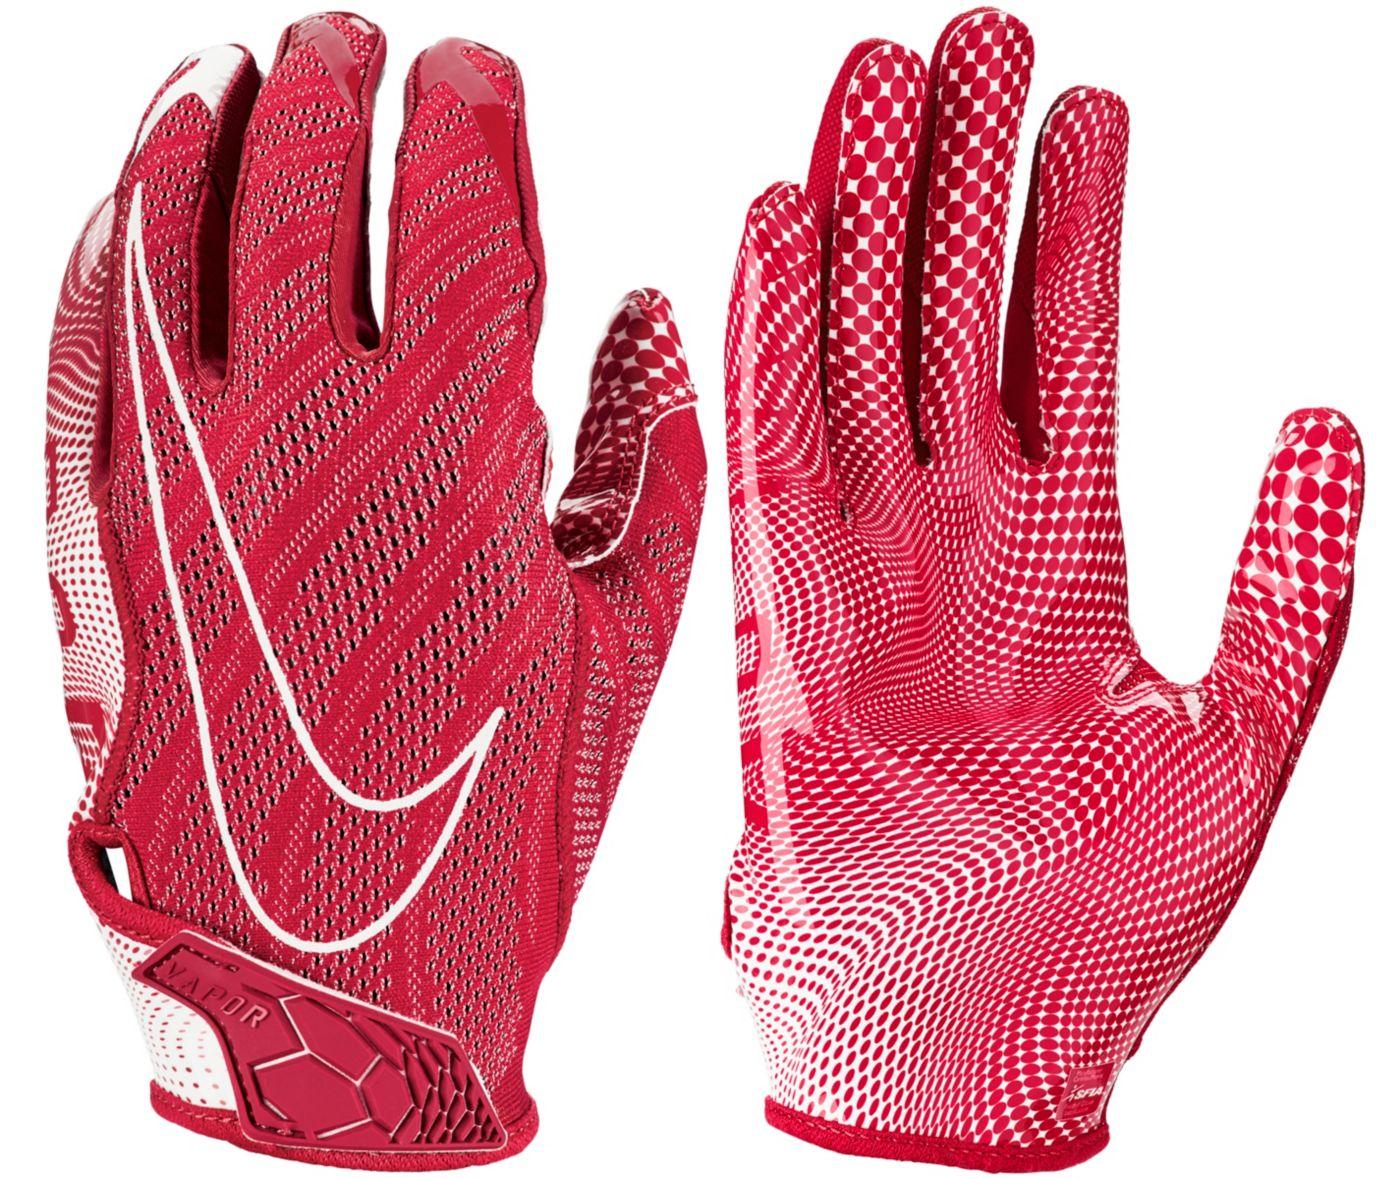 Nike Adult Vapor Knit 3.0 Receiver Gloves